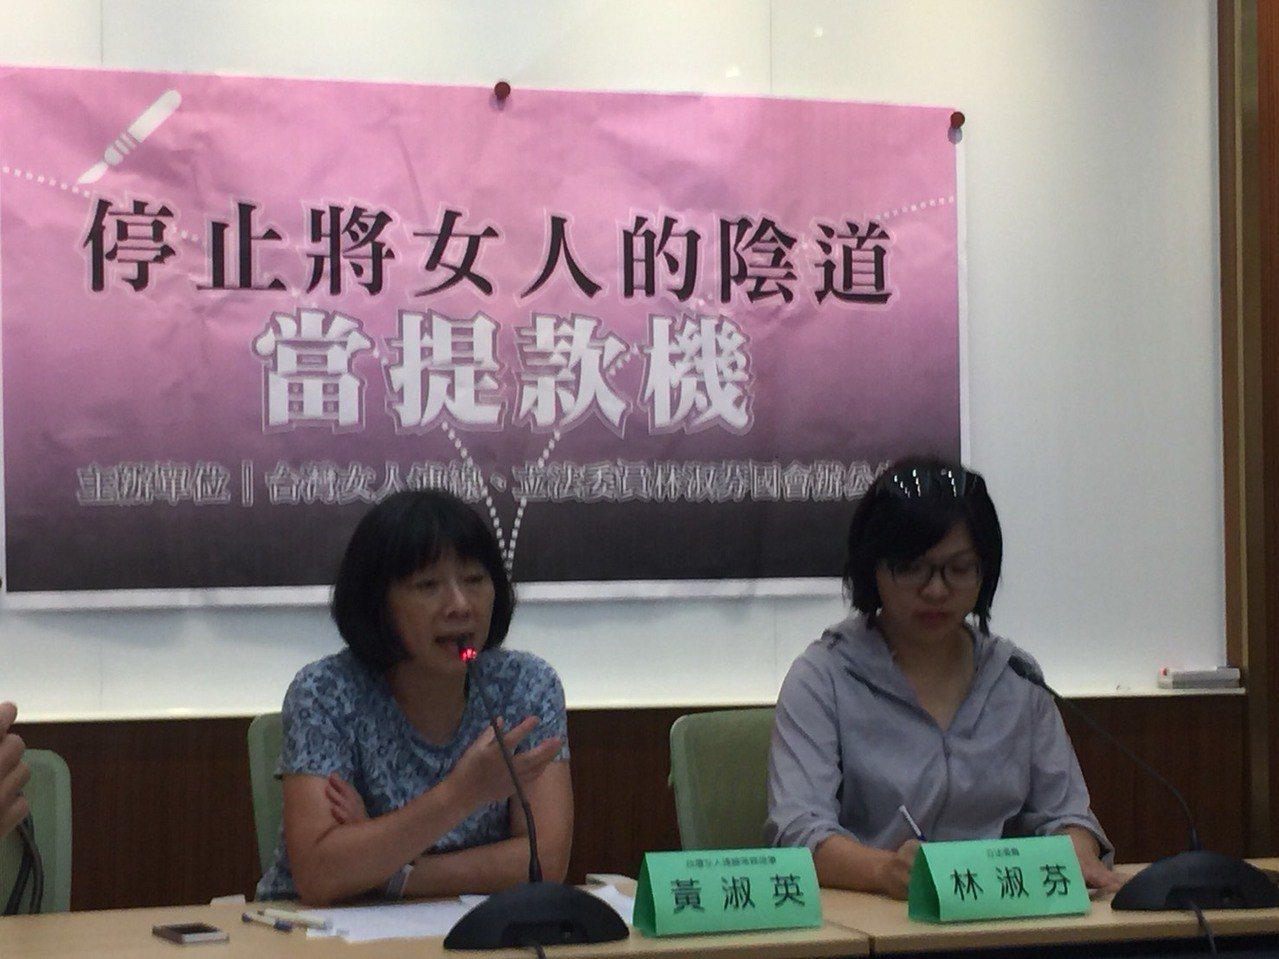 台灣女人連線、民進黨立委林淑芬今天舉辦聯合記者會,批評醫美診所近期為了行銷「陰道...